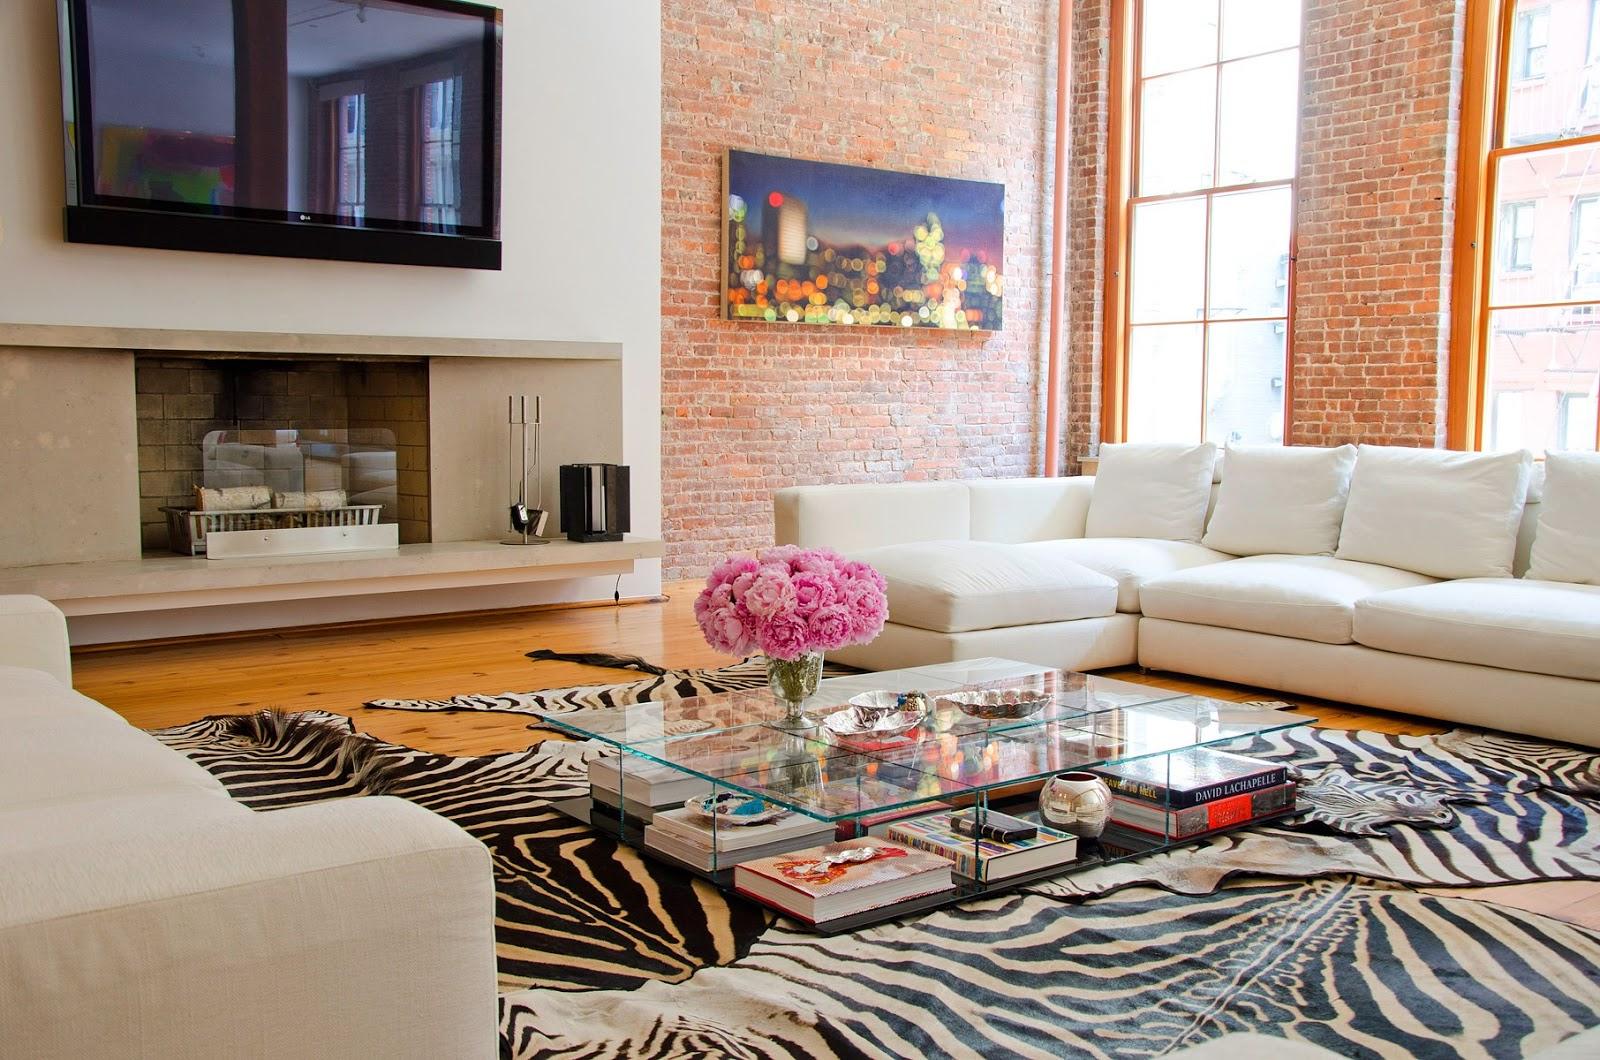 #A46027 parecida com a minha sala a lareira grande com a TV e as paredes de  1600x1060 píxeis em Decoraçao De Salas De Estar Grandes